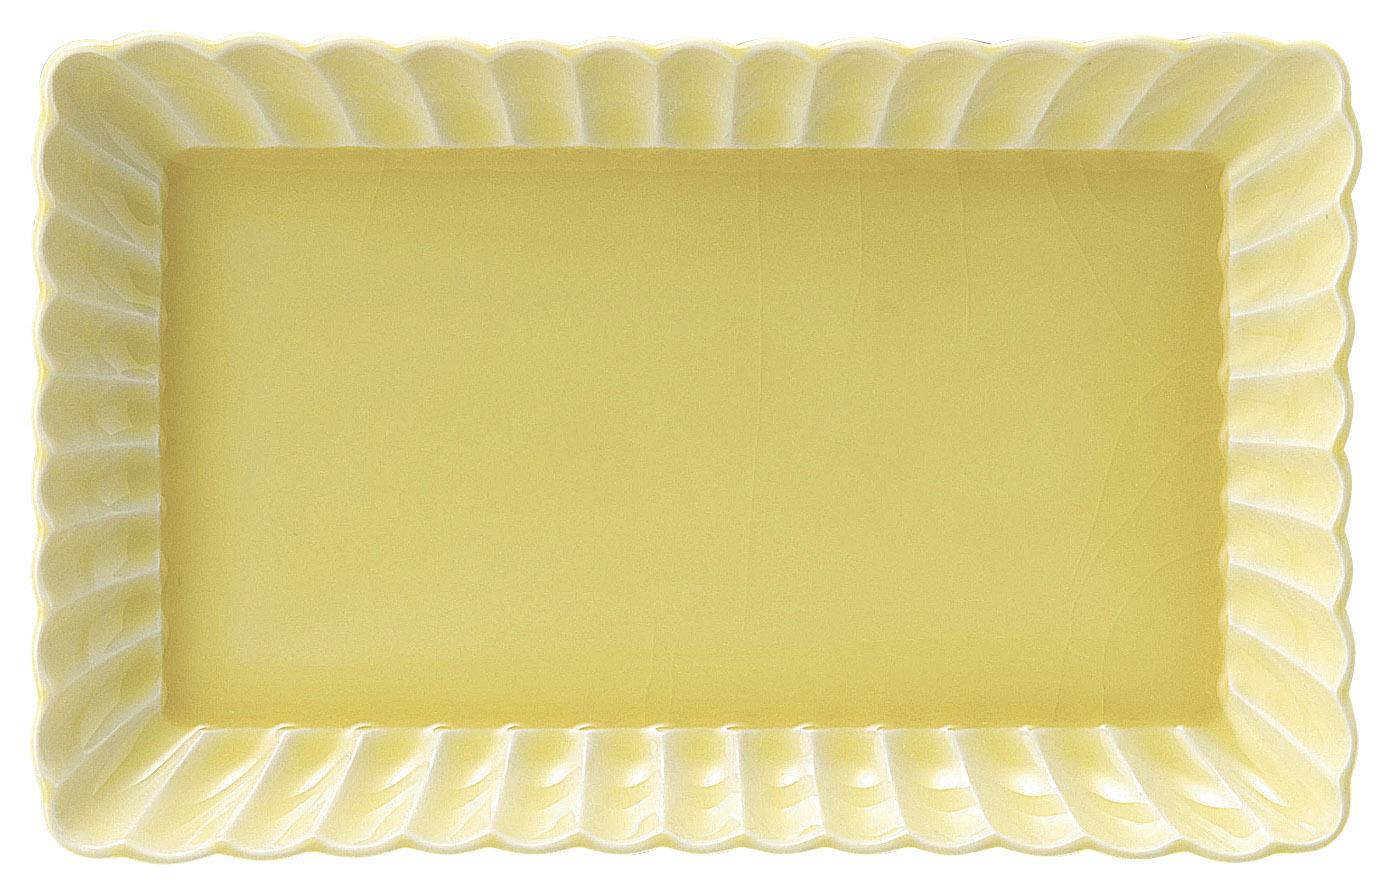 かすみ 黄 21cm長角皿